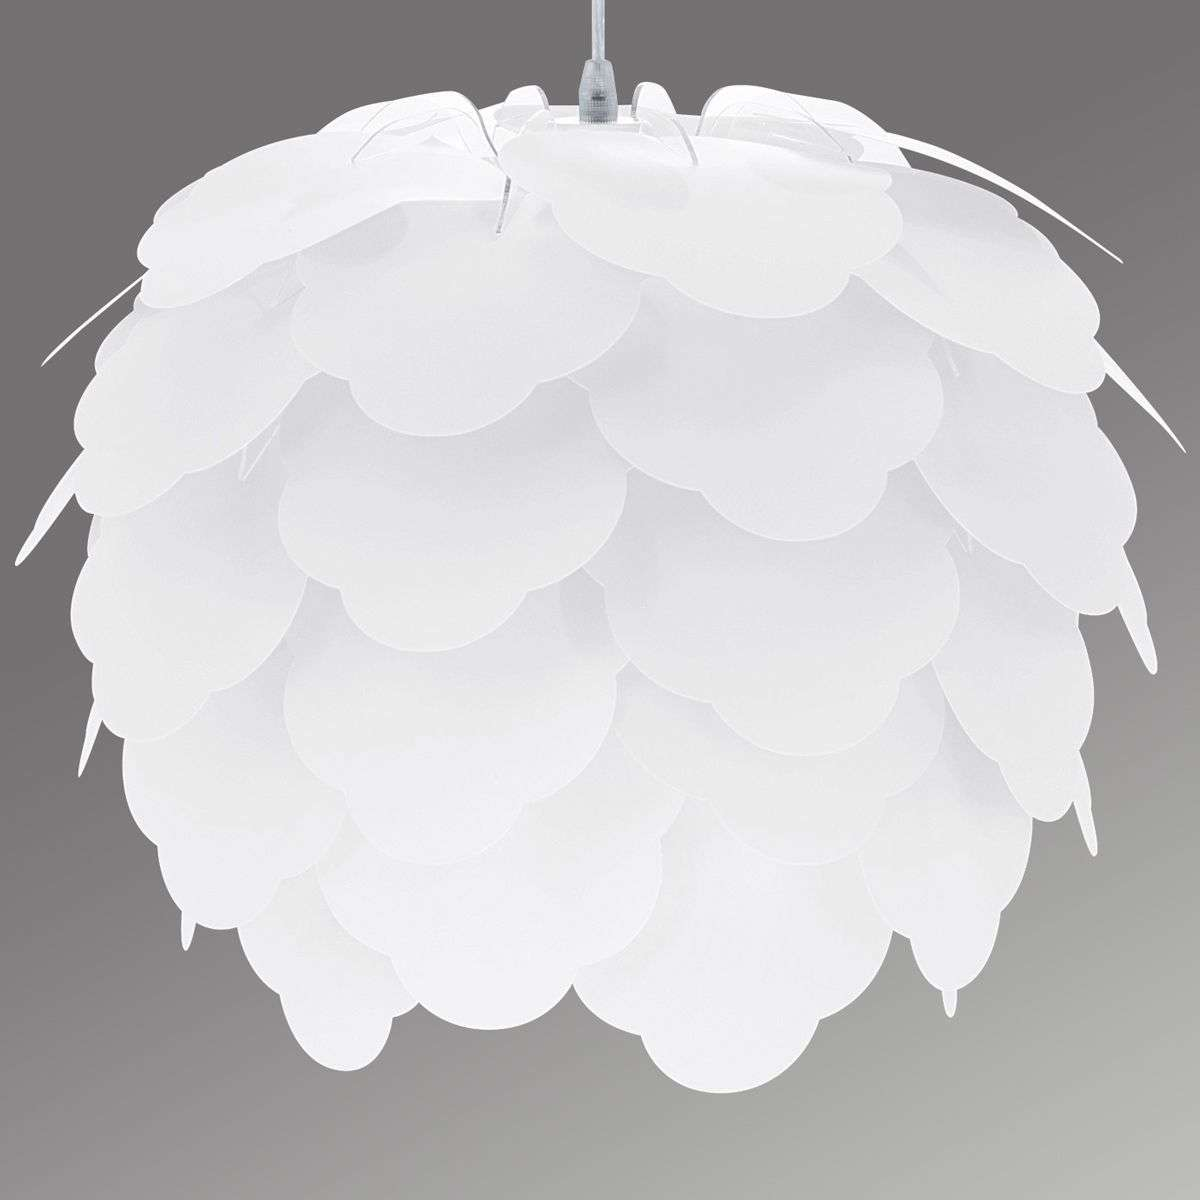 Erikoinen Filetta-riippuvalaisin, valkoinen-3031539-31